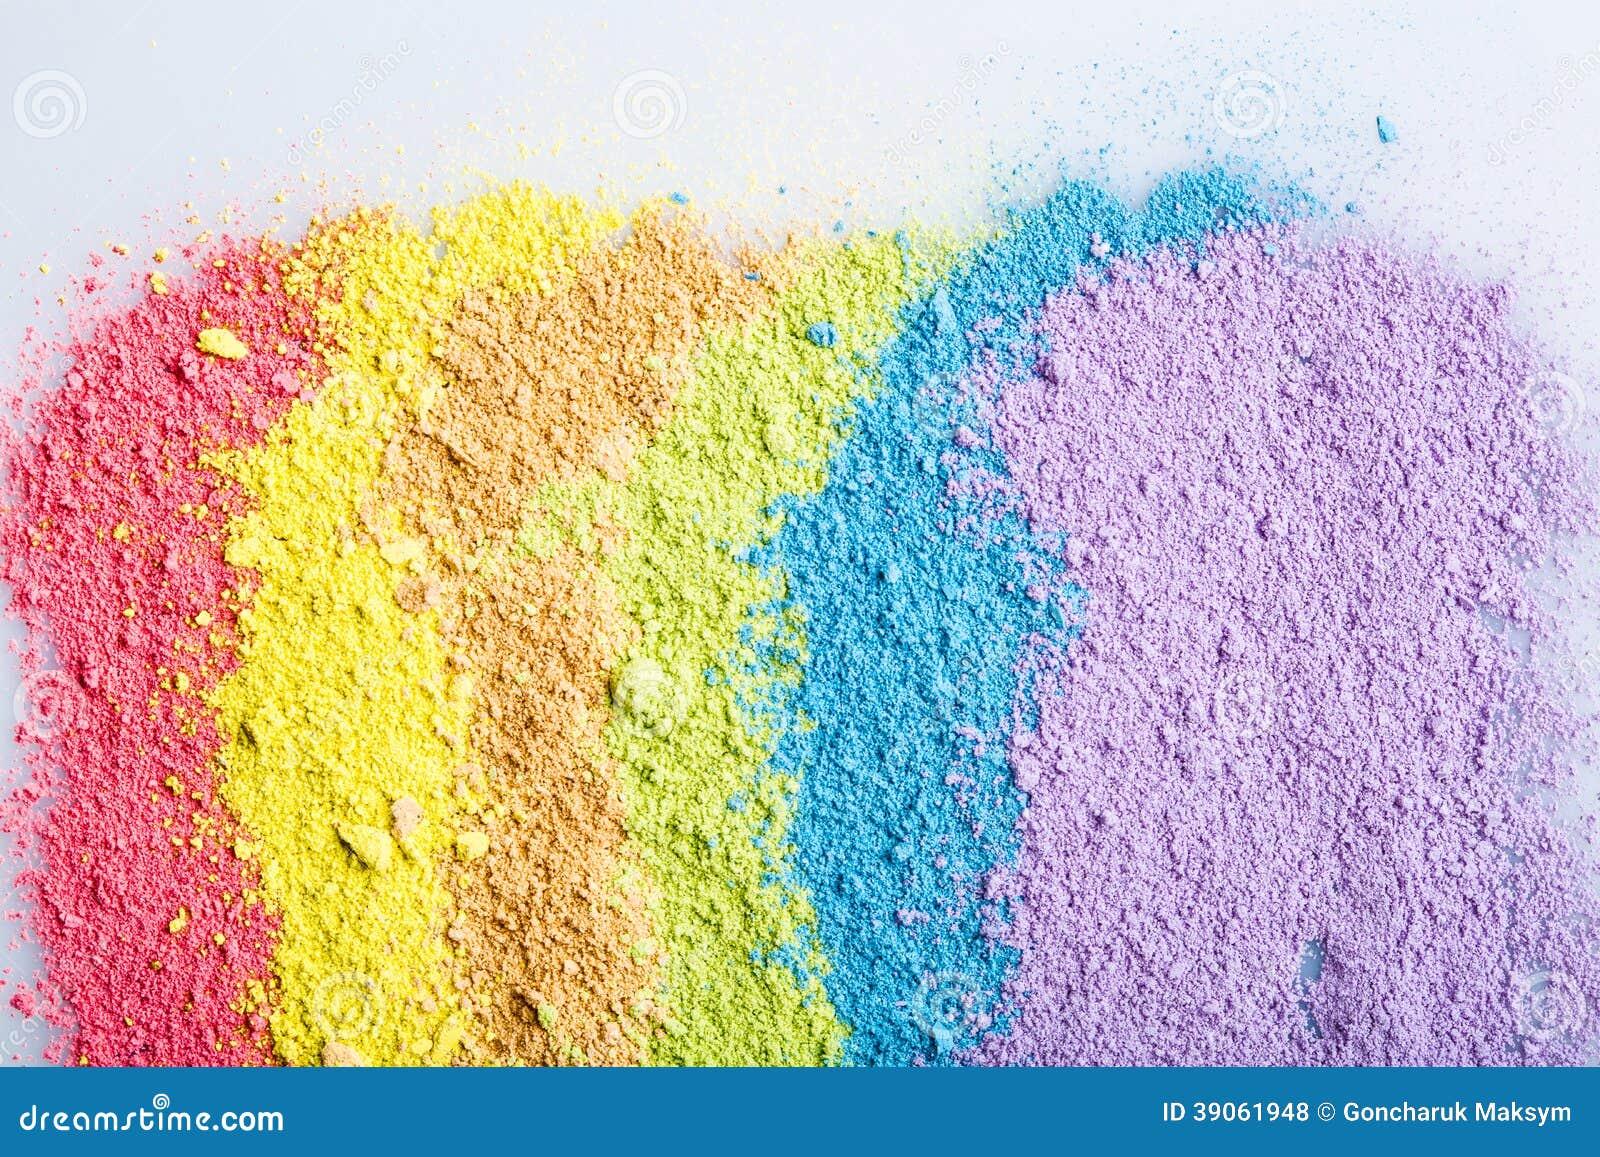 Texturas De Colores Pastel: Textura En Colores Pastel Colorida Foto De Archivo